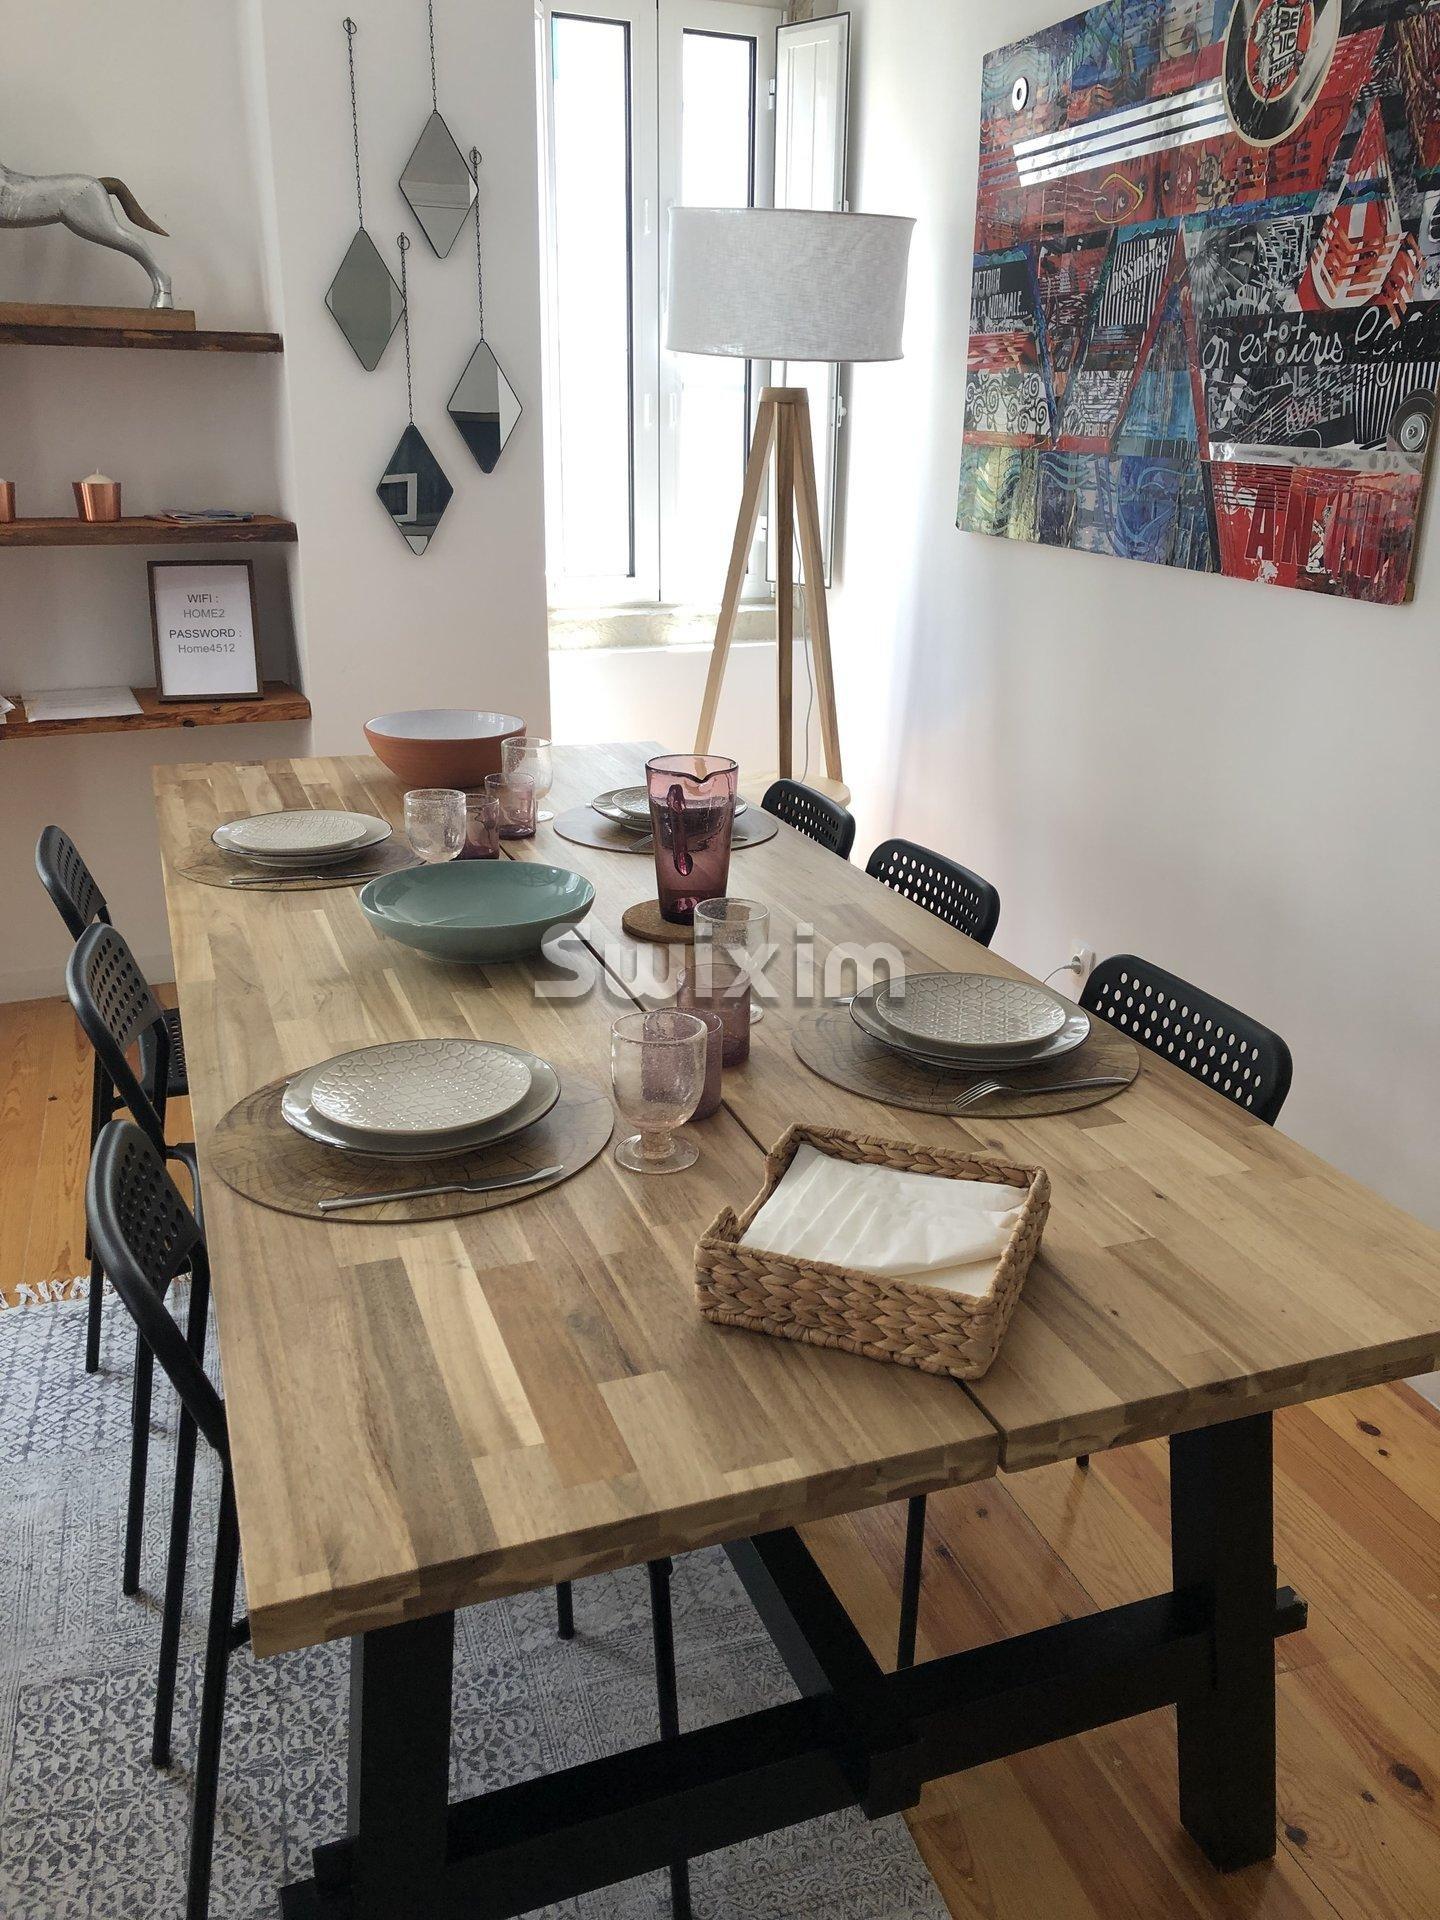 Apartemento renovado